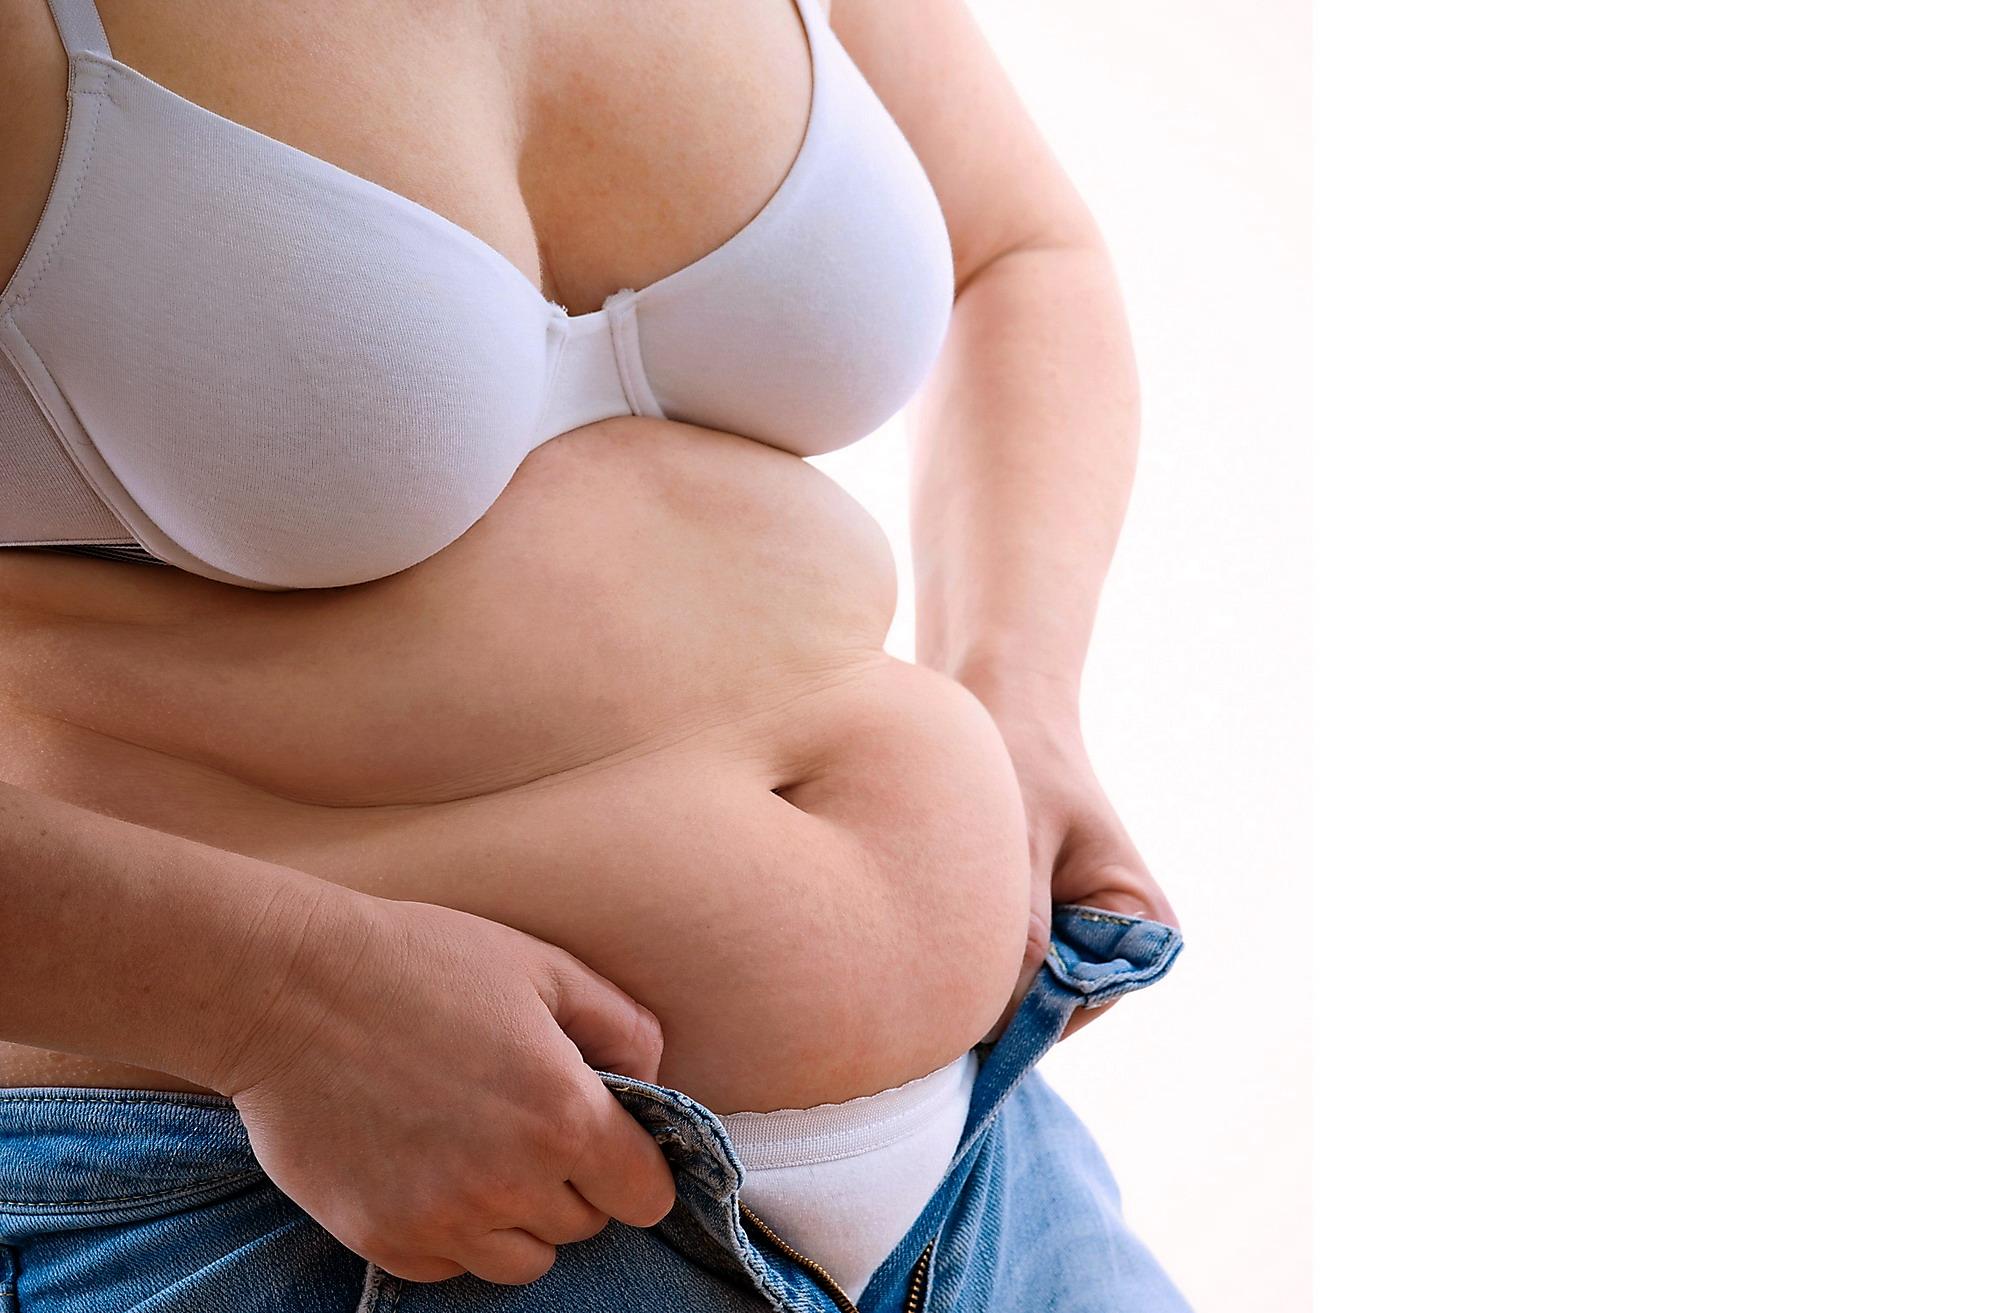 Dolore a destra in uno stomaco che dà a un dorso a donne